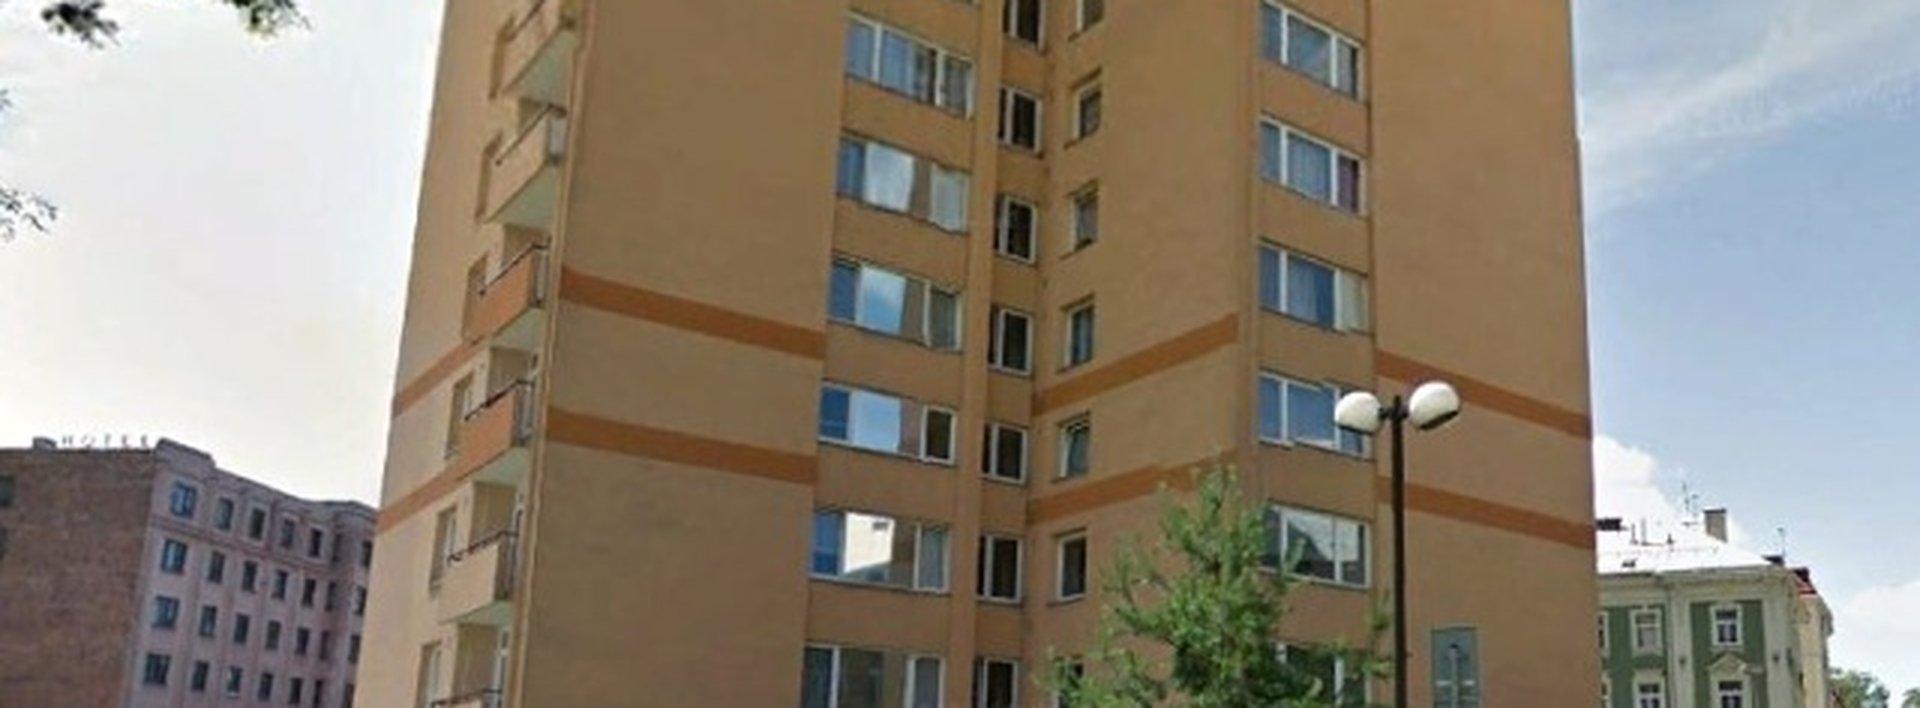 Slunný a prostorný byt 2+1+L, 59m2, centrum města LBC, Ev.č.: N46638